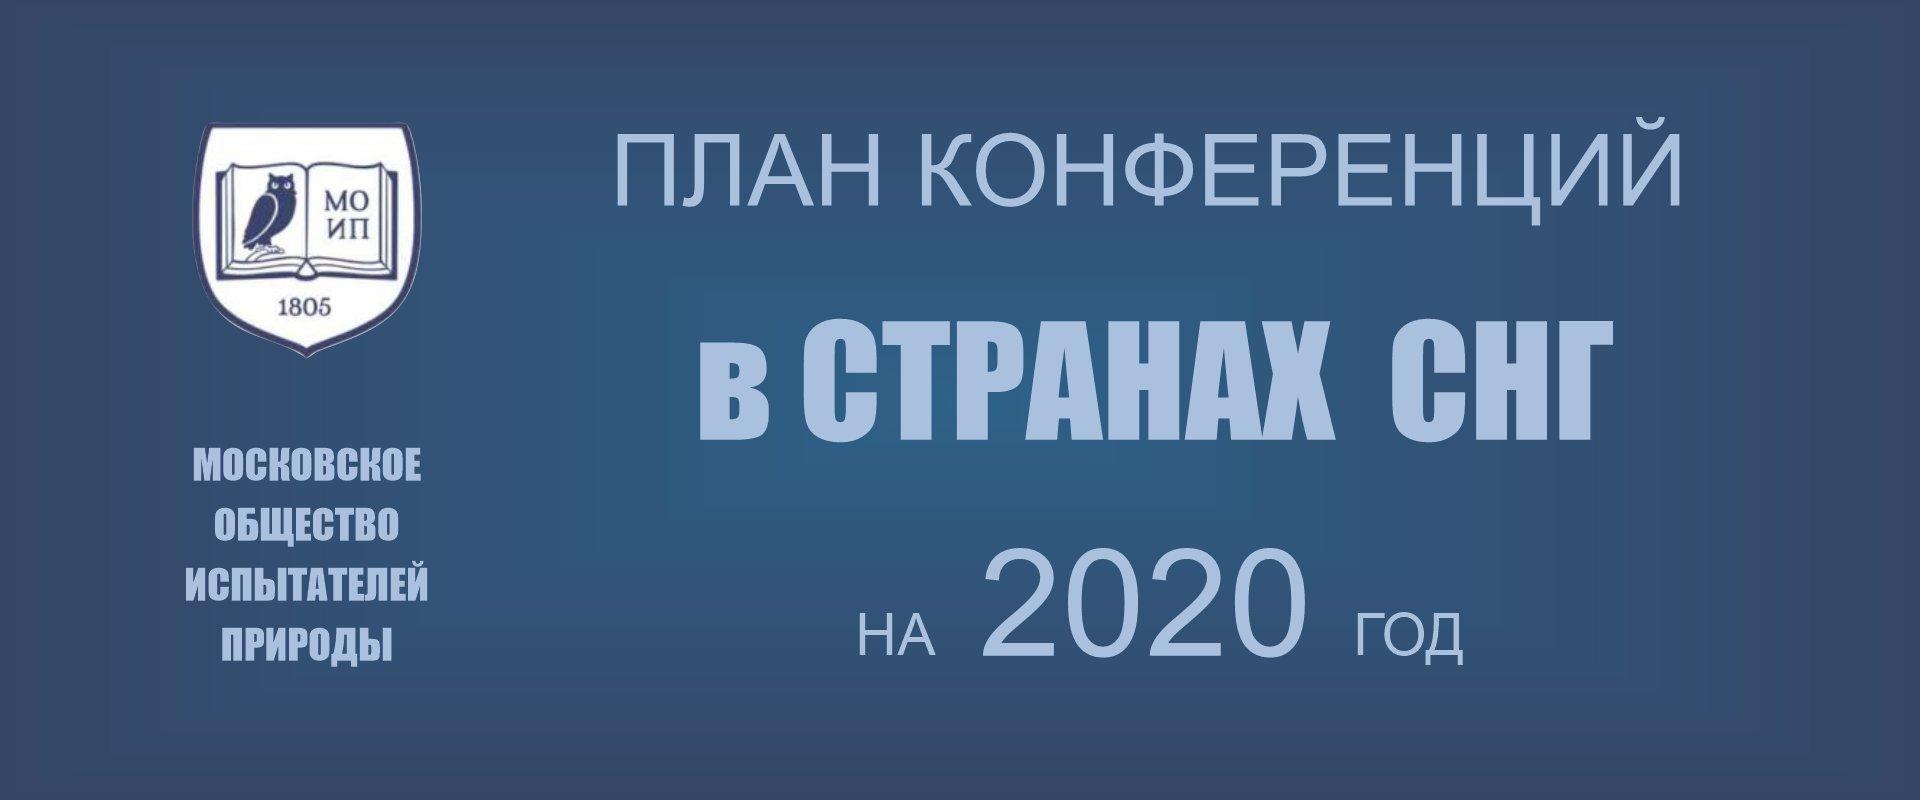 План участия МОИП в конференциях в странах СНГ в 2020 году